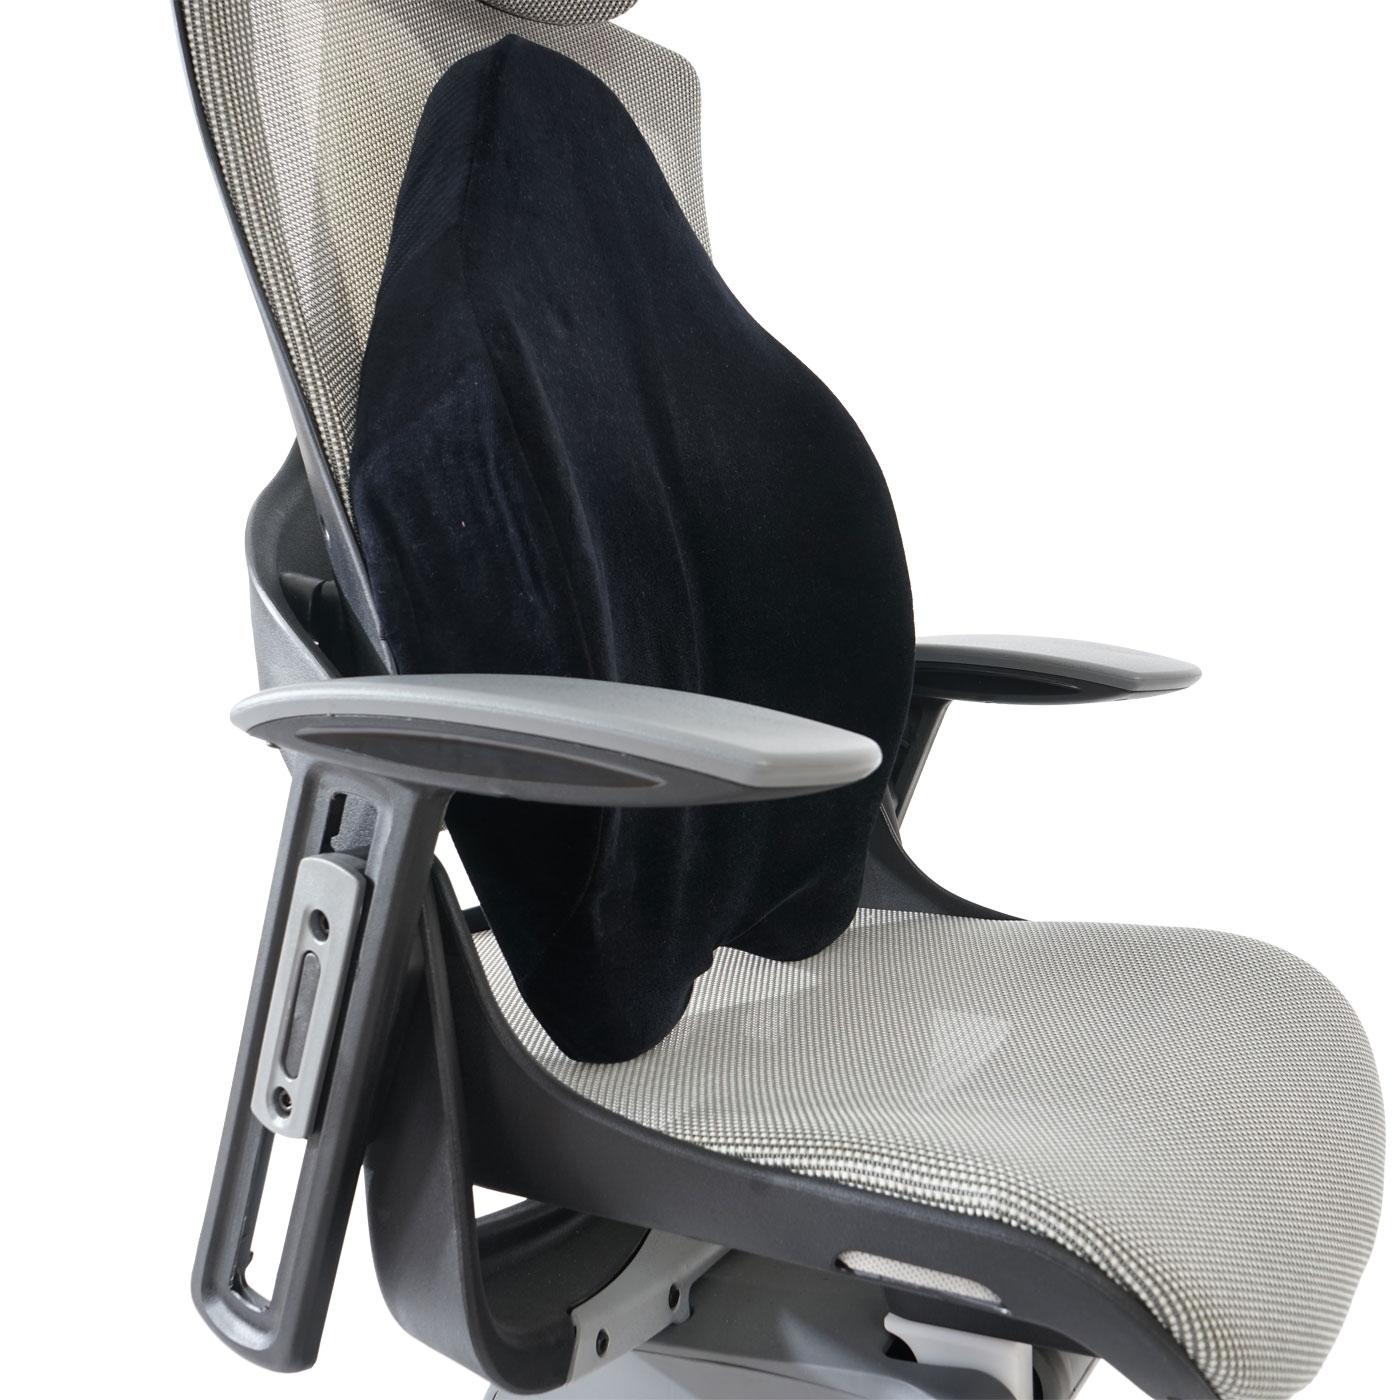 Cuscino schienale lombare per poltrone da ufficio 7 - Coussin ergonomique pour chaise de bureau ...